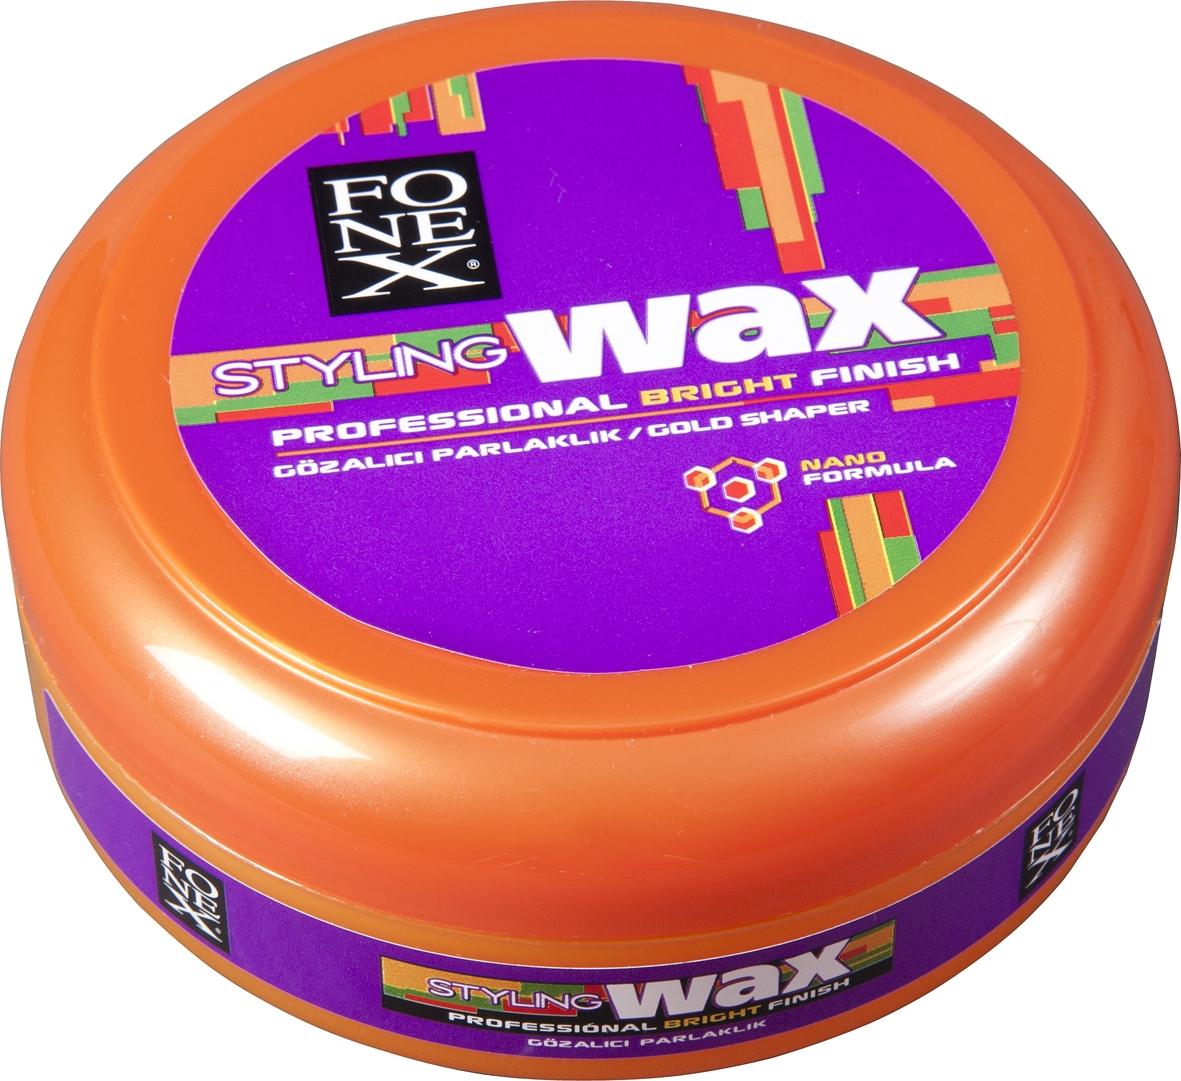 Fonex Kozmetik'ten Yeni Saç Şekillendiriciler